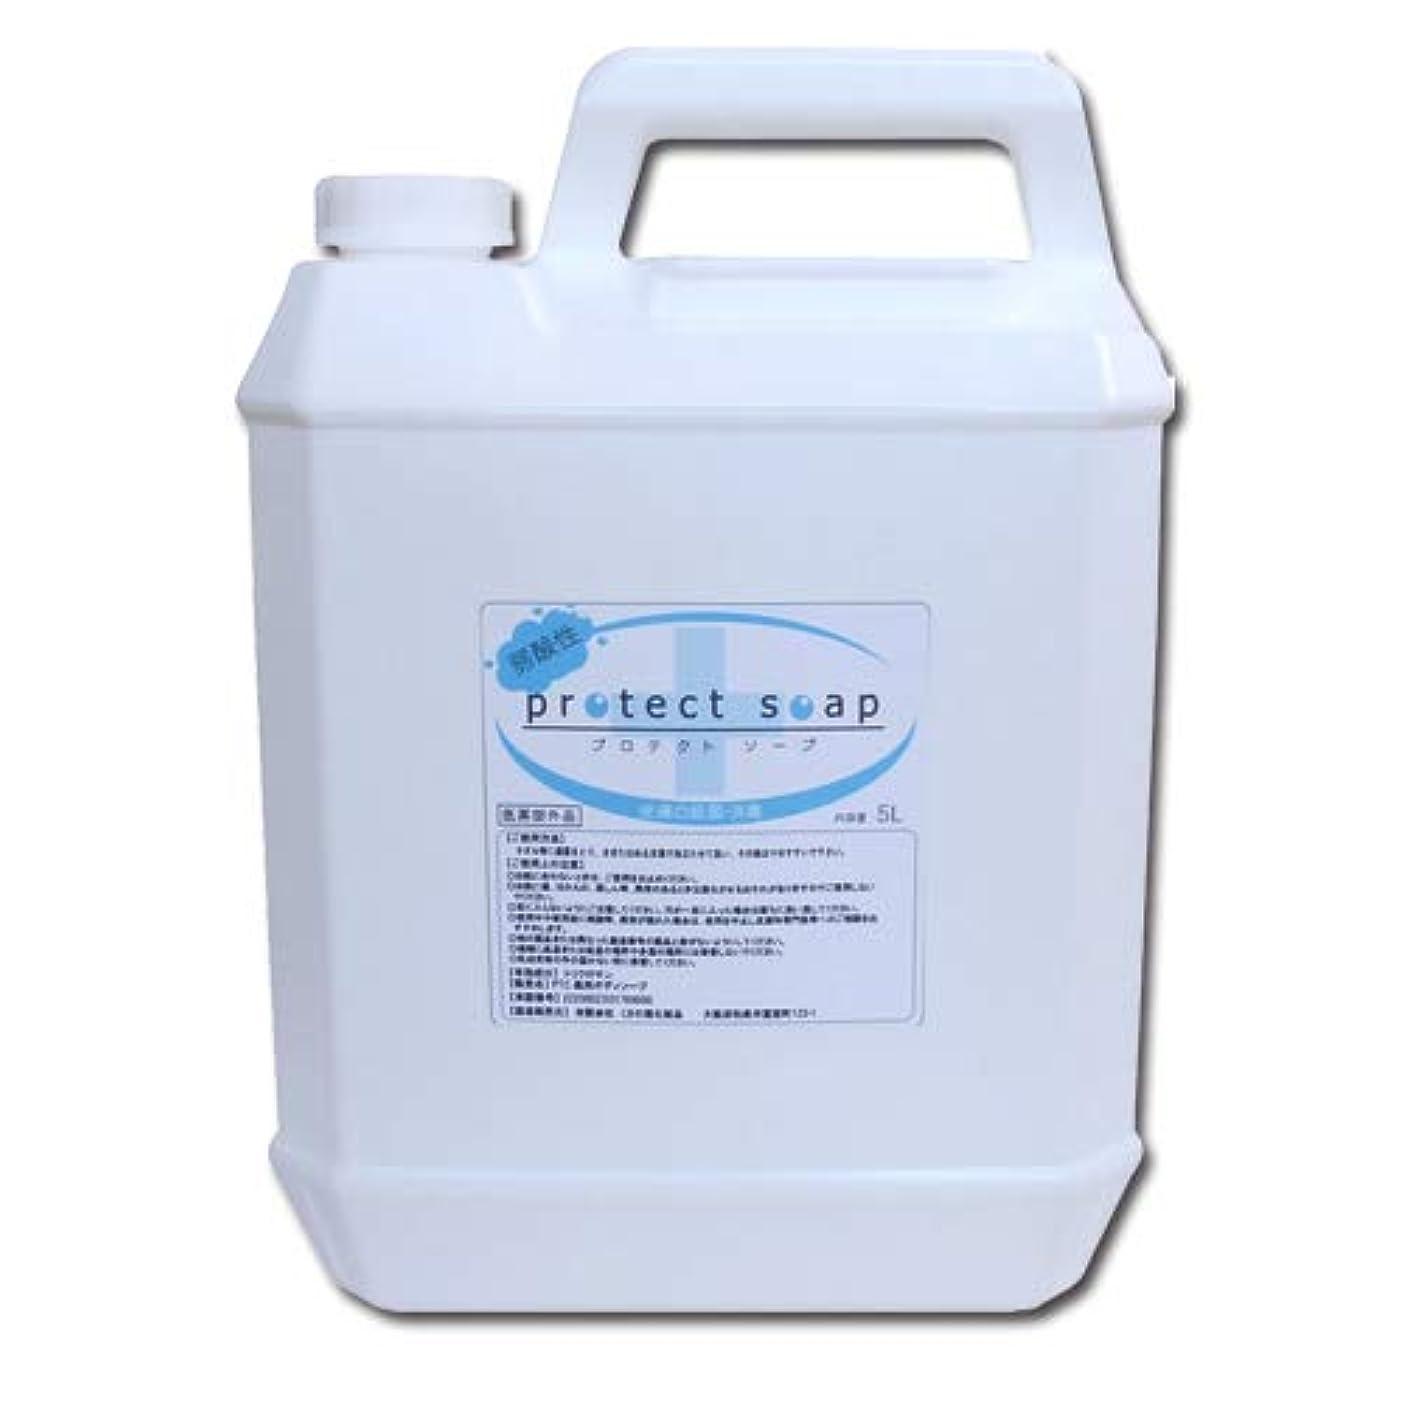 以上メルボルン商標低刺激弱酸性 液体石鹸 プロテクトソープ 5L 業務用│せっけん液 液体せっけん 殺菌?消毒 インフルエンザ?ノロウィルス対策